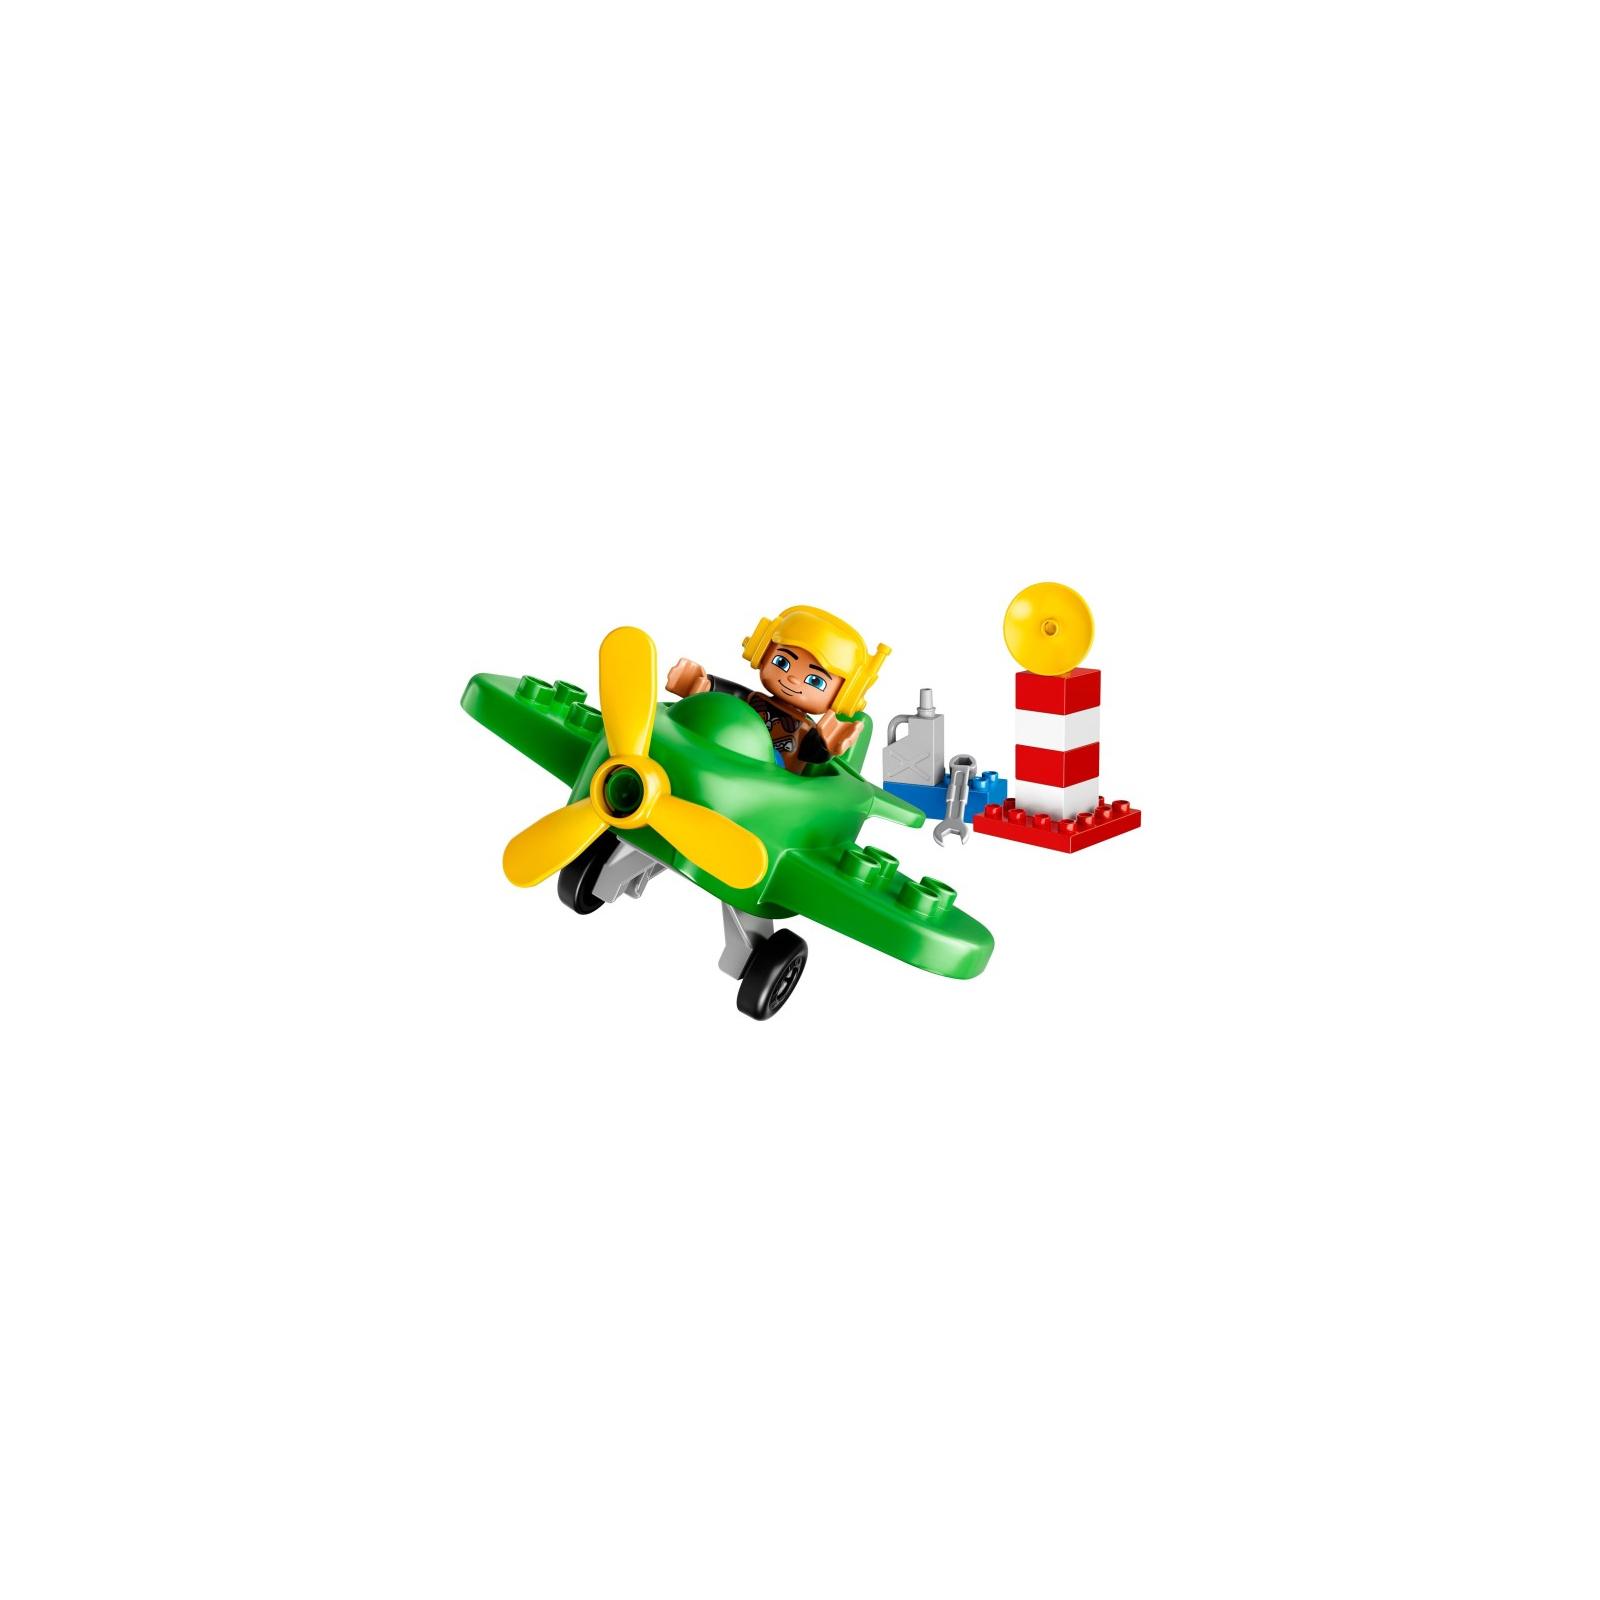 Конструктор LEGO Duplo Town Маленький самолёт (10808) изображение 2